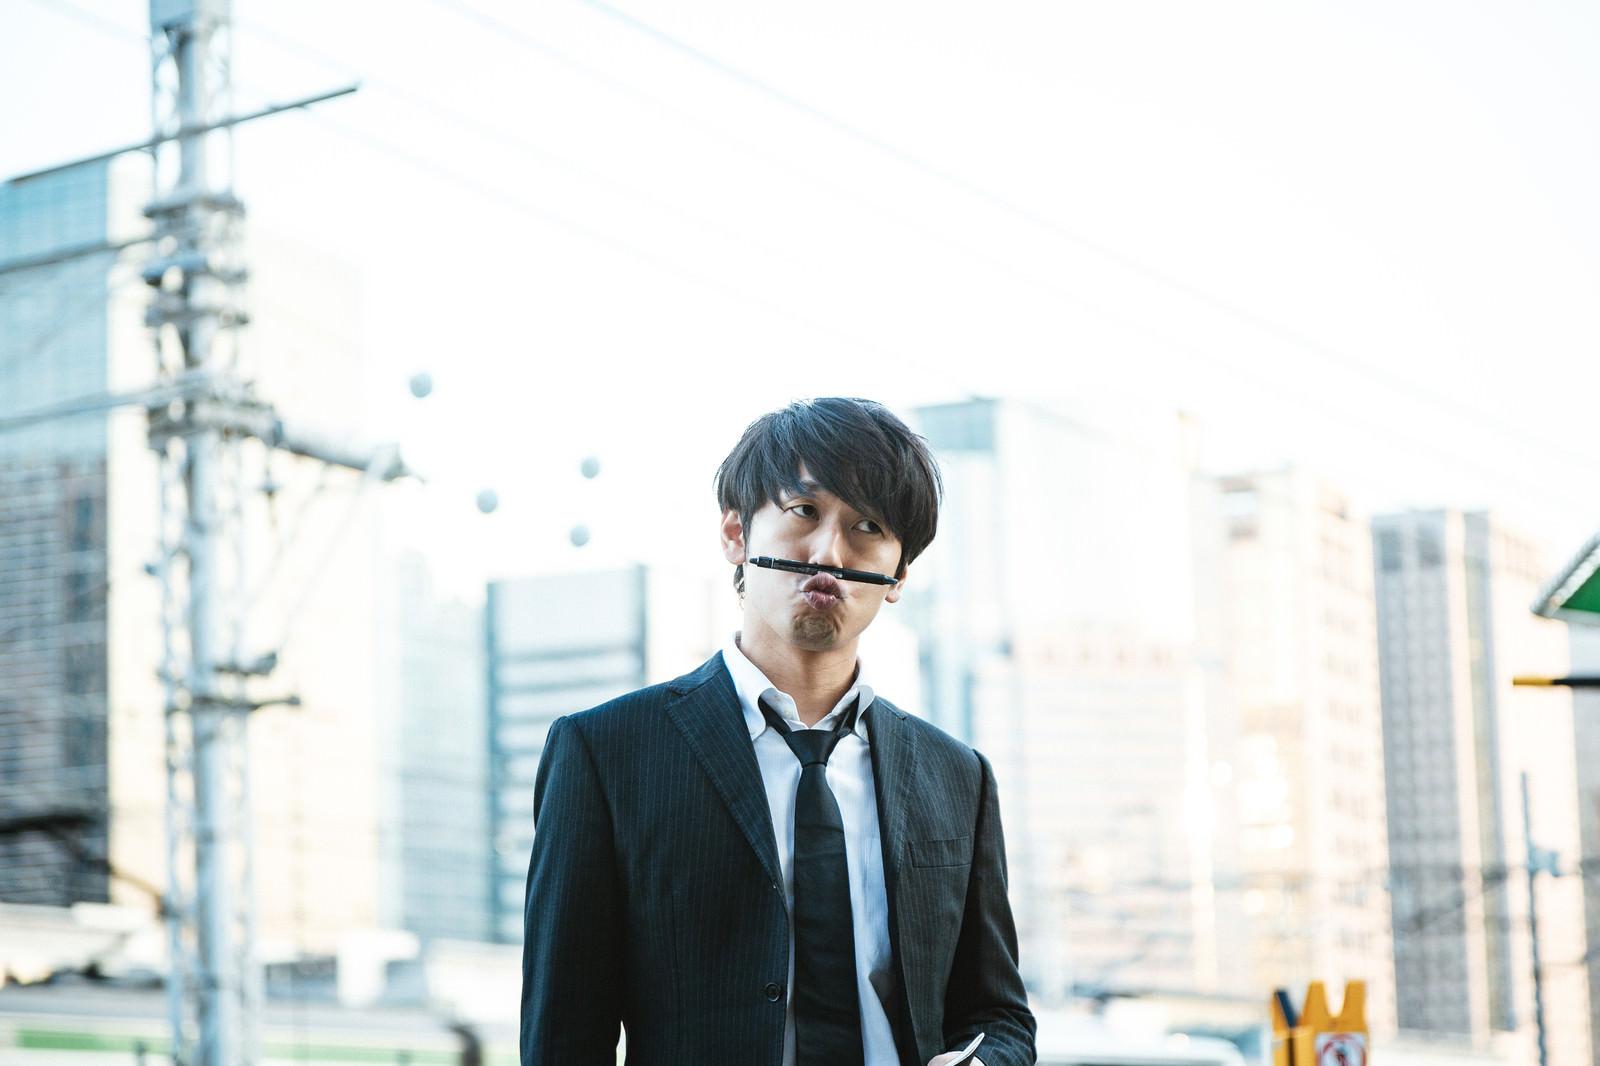 「ボールペン刑事のシンキングタイム」の写真[モデル:大川竜弥]